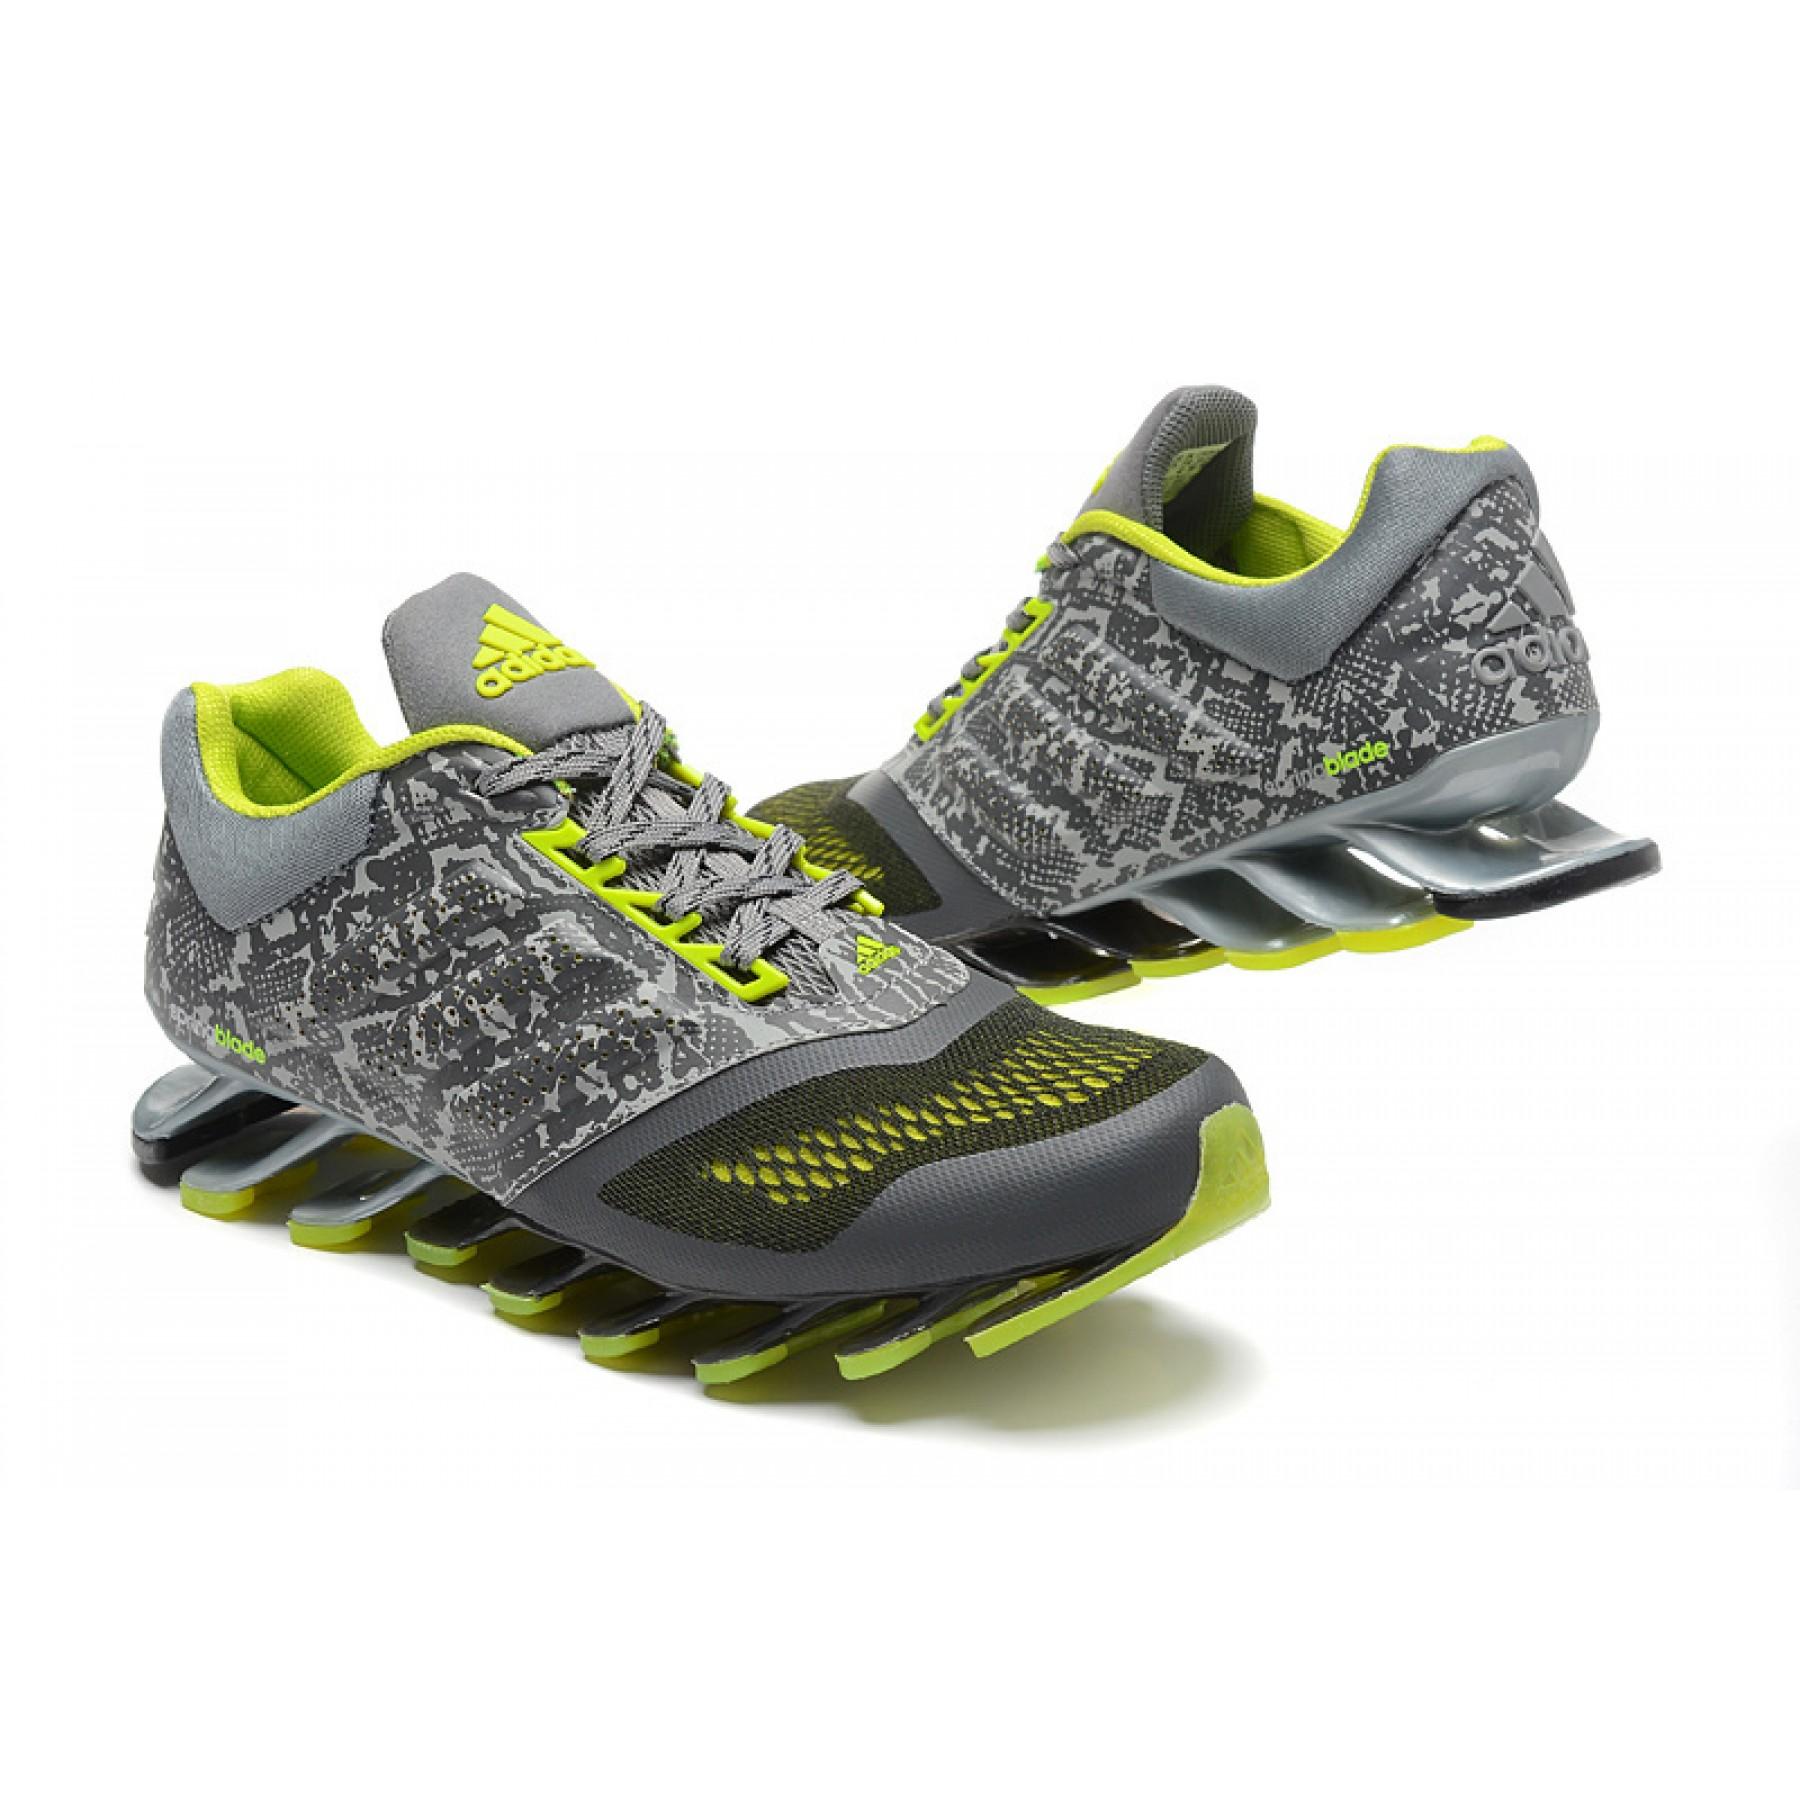 Tênis Adidas SpringBlade Drive 2.0 Masculino Cinza Camuflado e Verde Cod  0550 52873555aa9ee